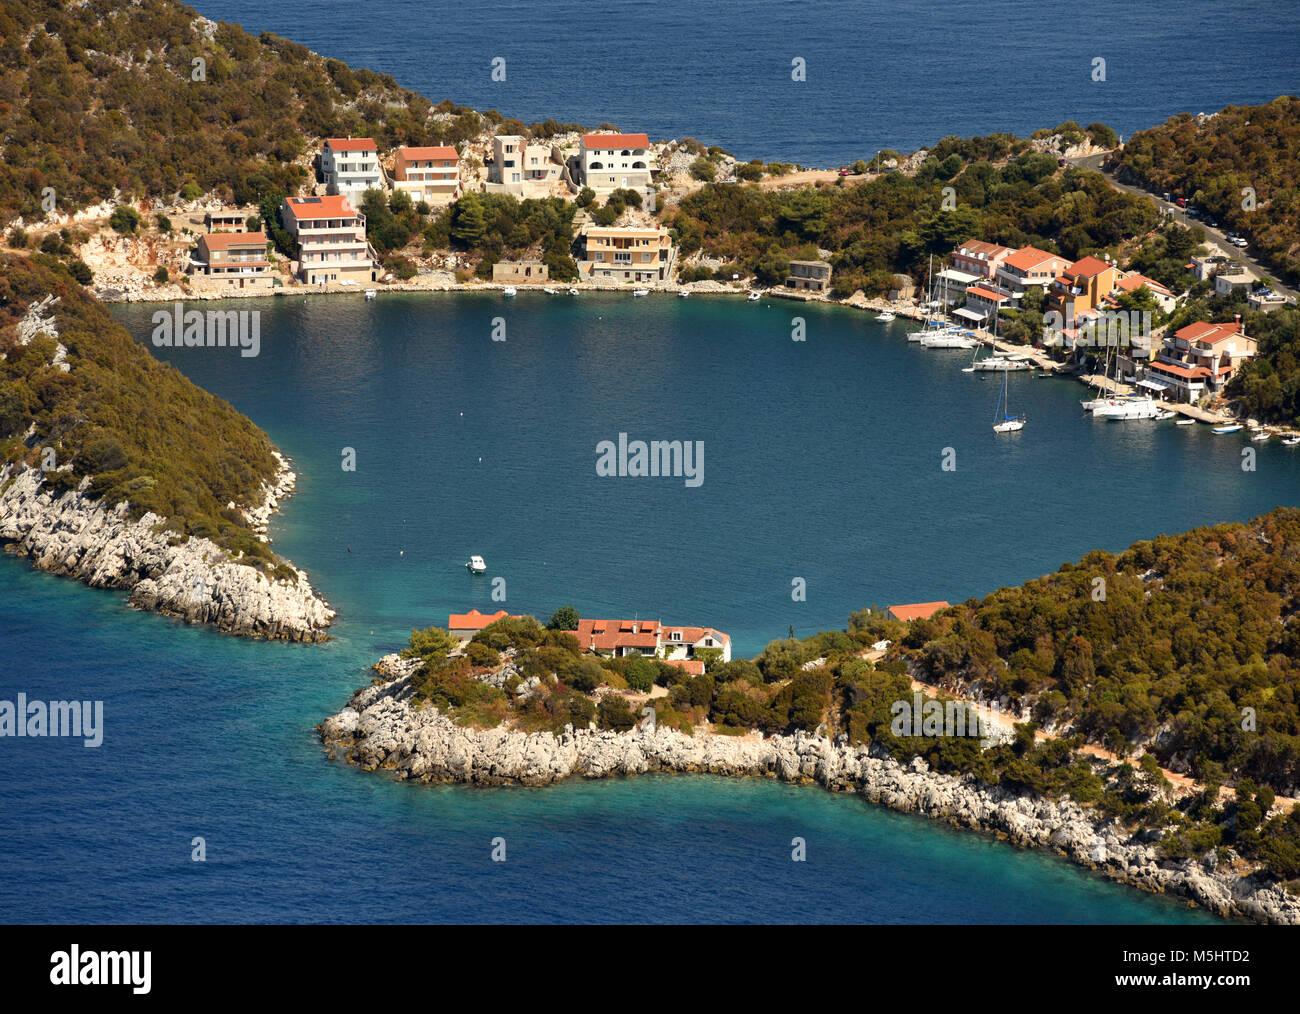 Small Adriatic village Zaklopatica on Lastovo island, Croatia. - Stock Image